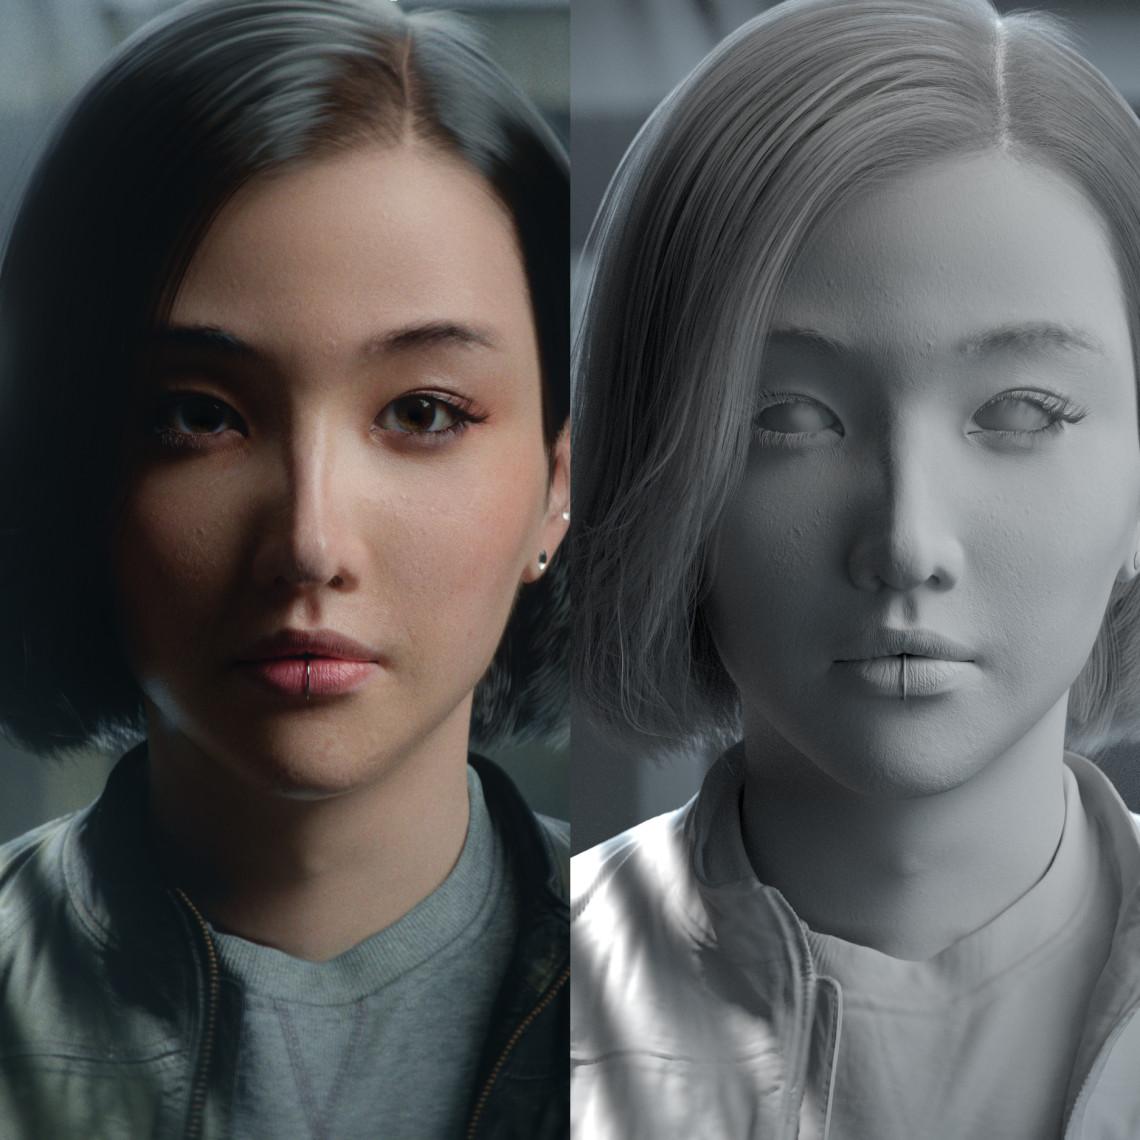 短发 女性肖像 |  国外设计师 Jimmyhmz